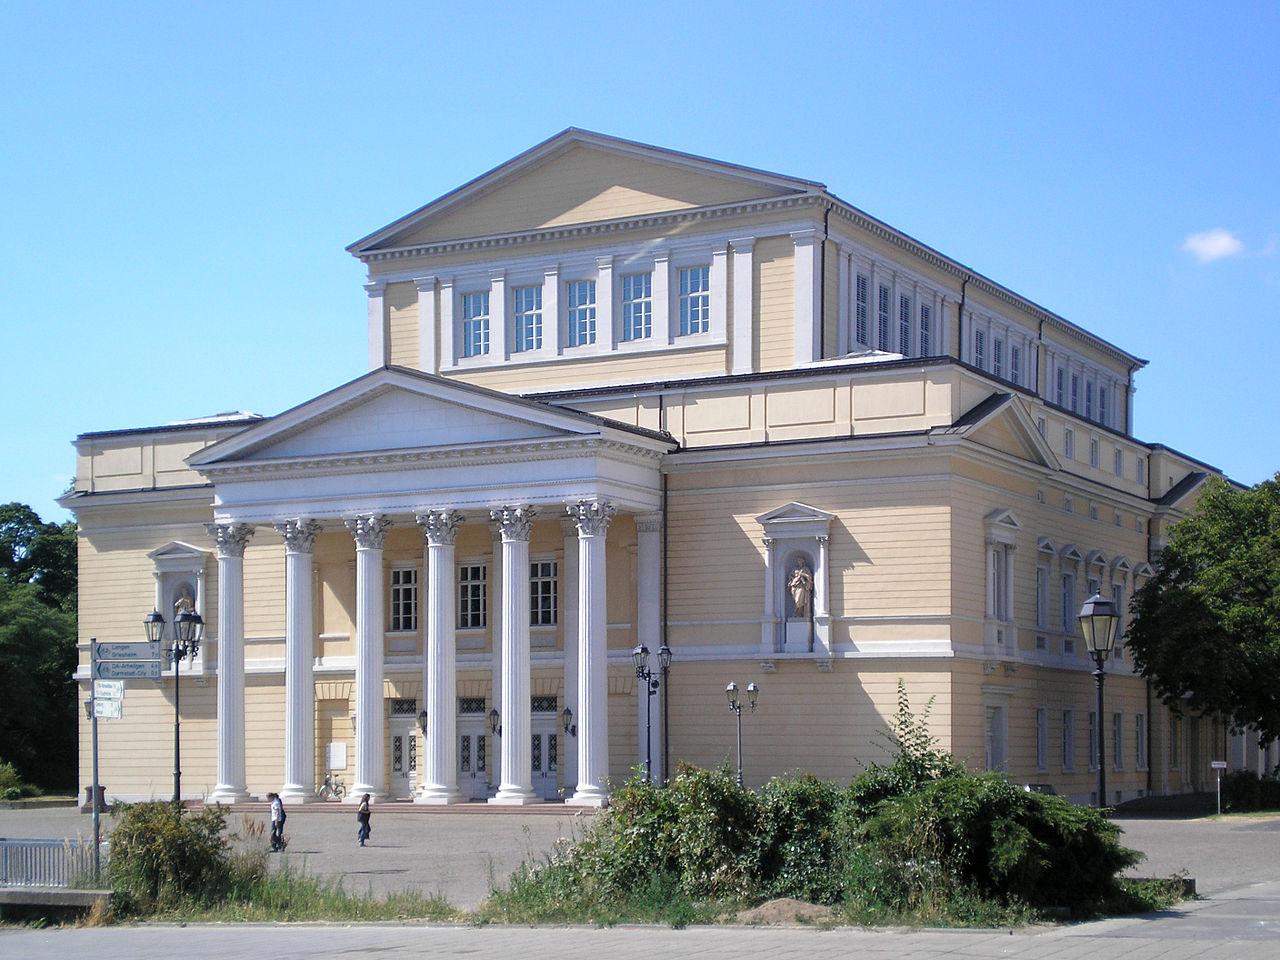 Bild Haus der Geschichte Darmstadt